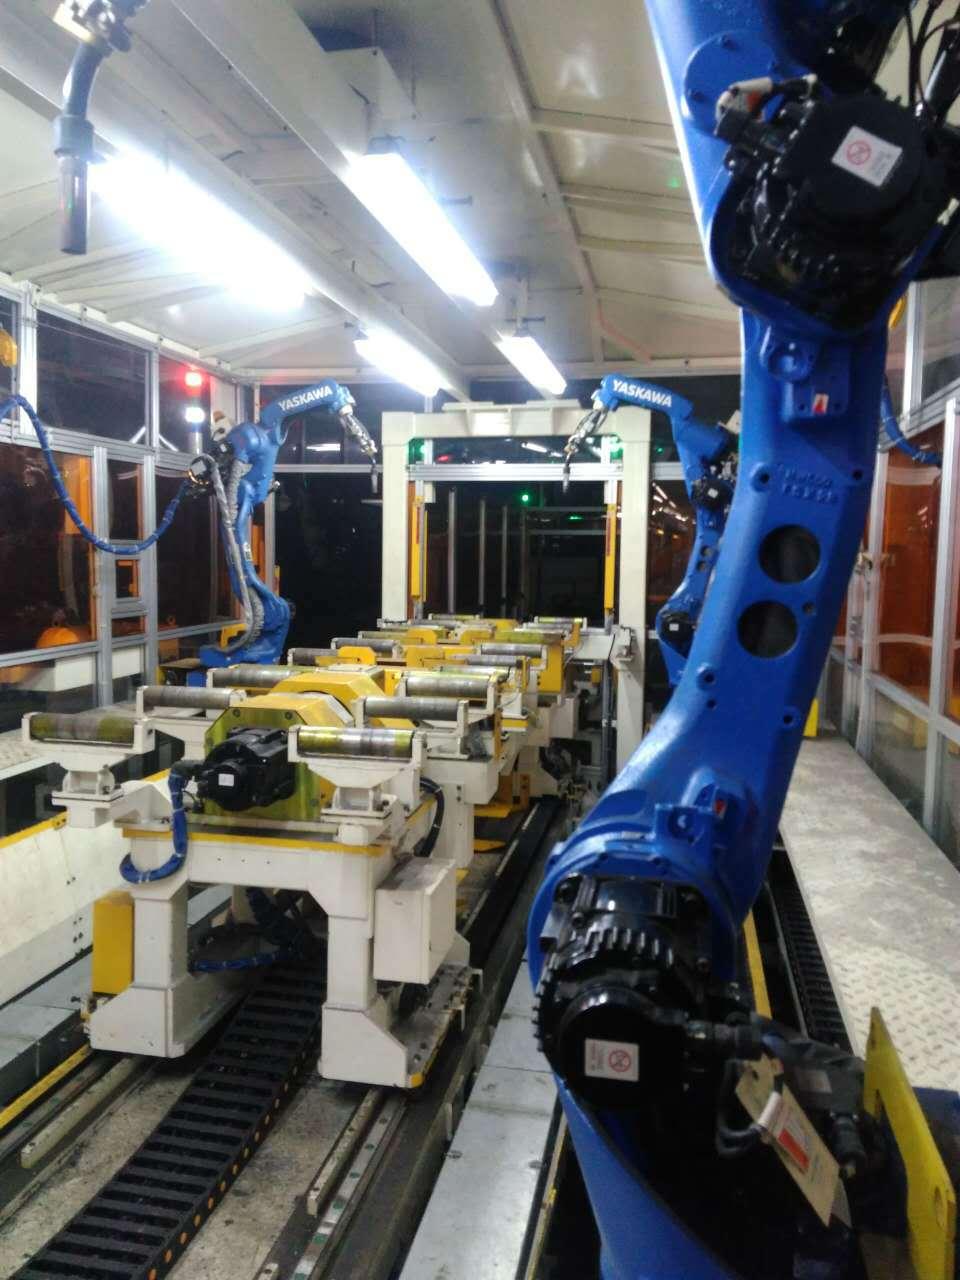 租赁焊接机器人出租周边设备焊接工装配件五金制品